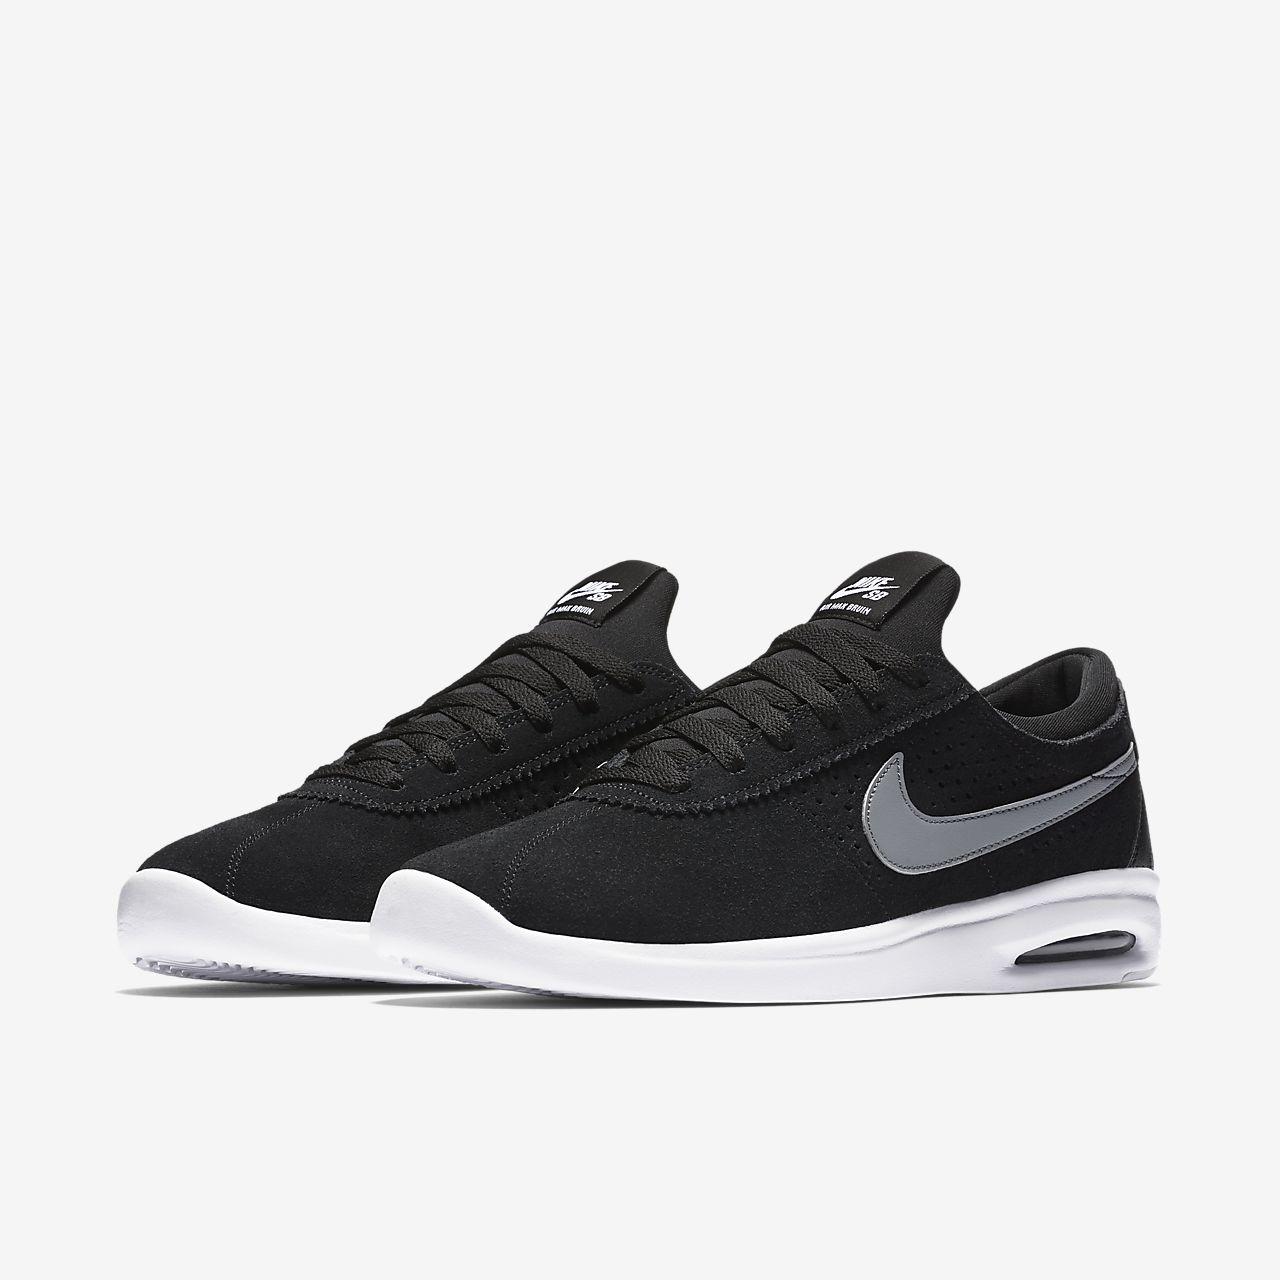 buy online b83a9 7fa58 ... Skateboardsko Nike SB Air Max Bruin Vapor för män